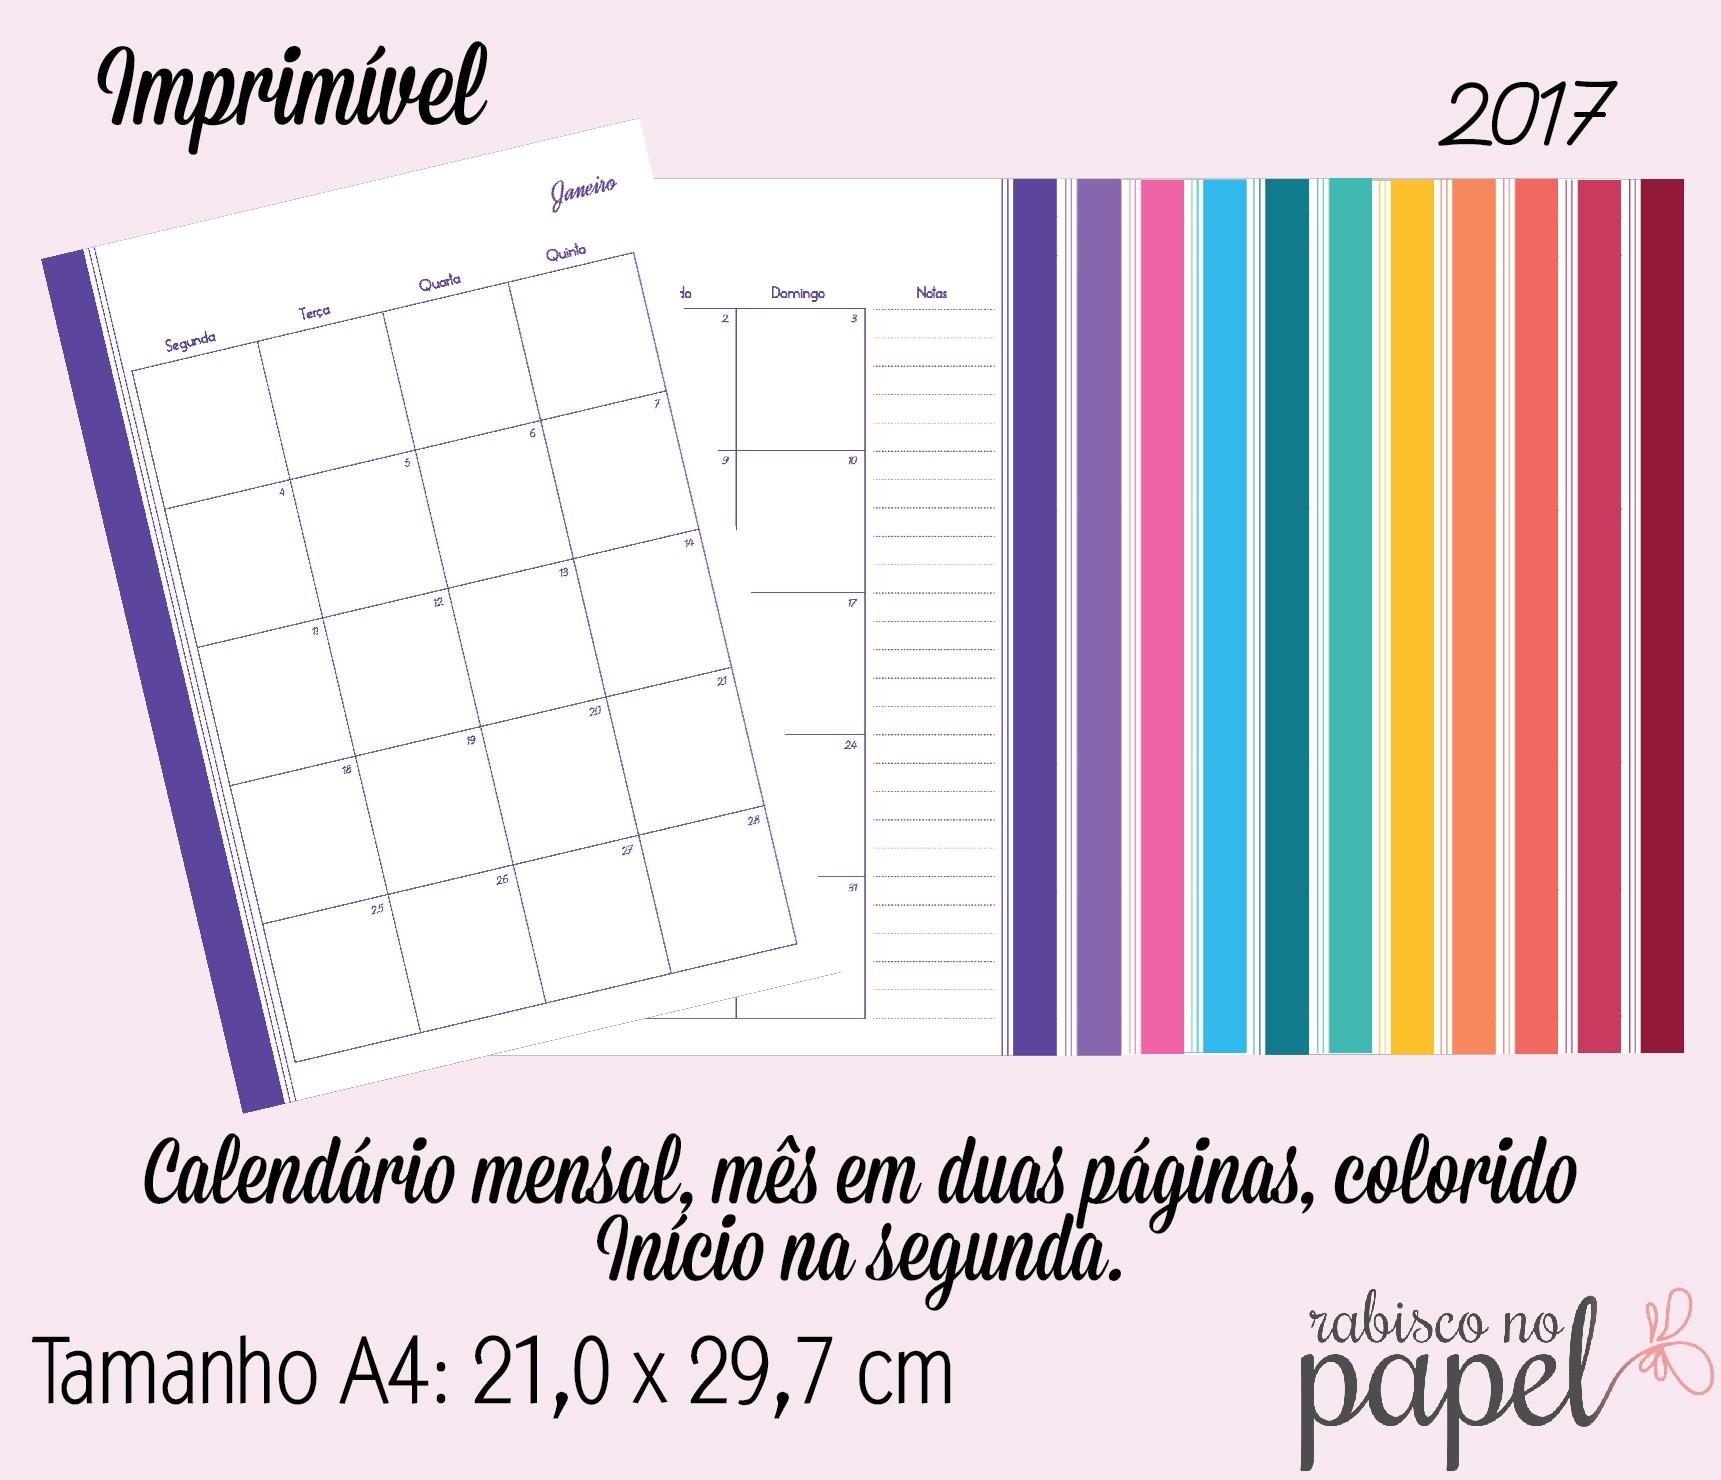 Calendario Mes Dezembro 2017 Para Imprimir Recientes Agenda Para Imprimir Of Calendario Mes Dezembro 2017 Para Imprimir Actual Calendario Abril 2018 Escolares